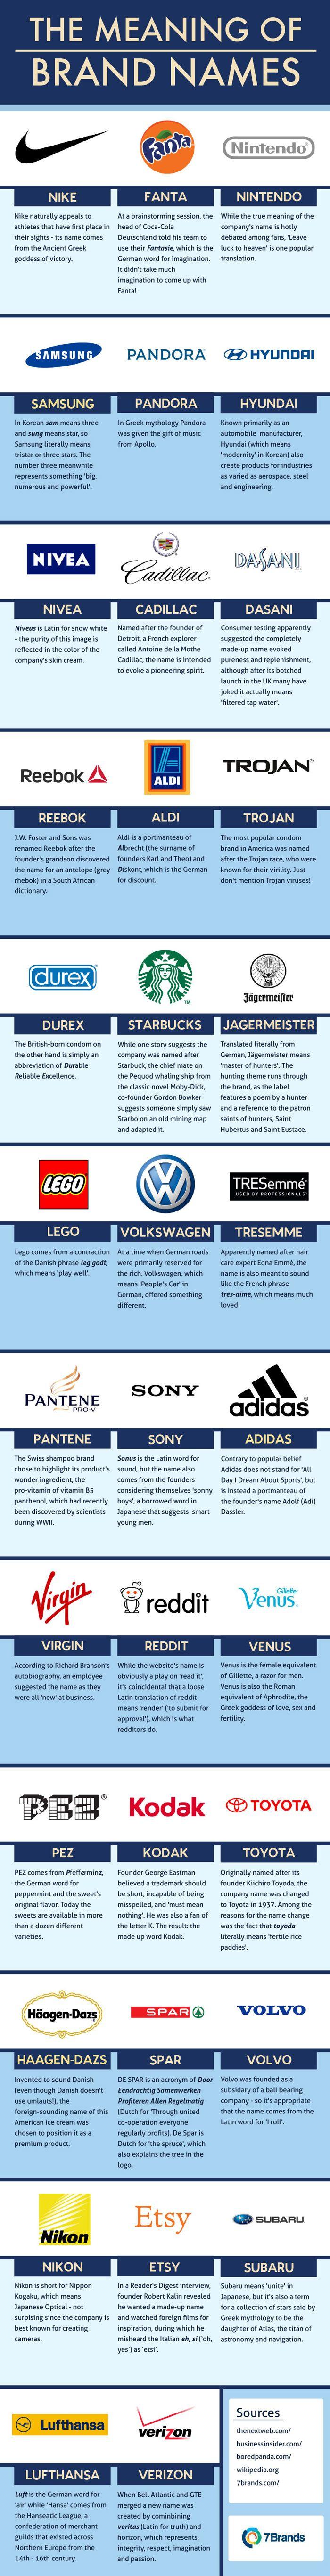 El singnificado del nombre de logos famosos | Vecindad Gráfica Diseño Gráfico